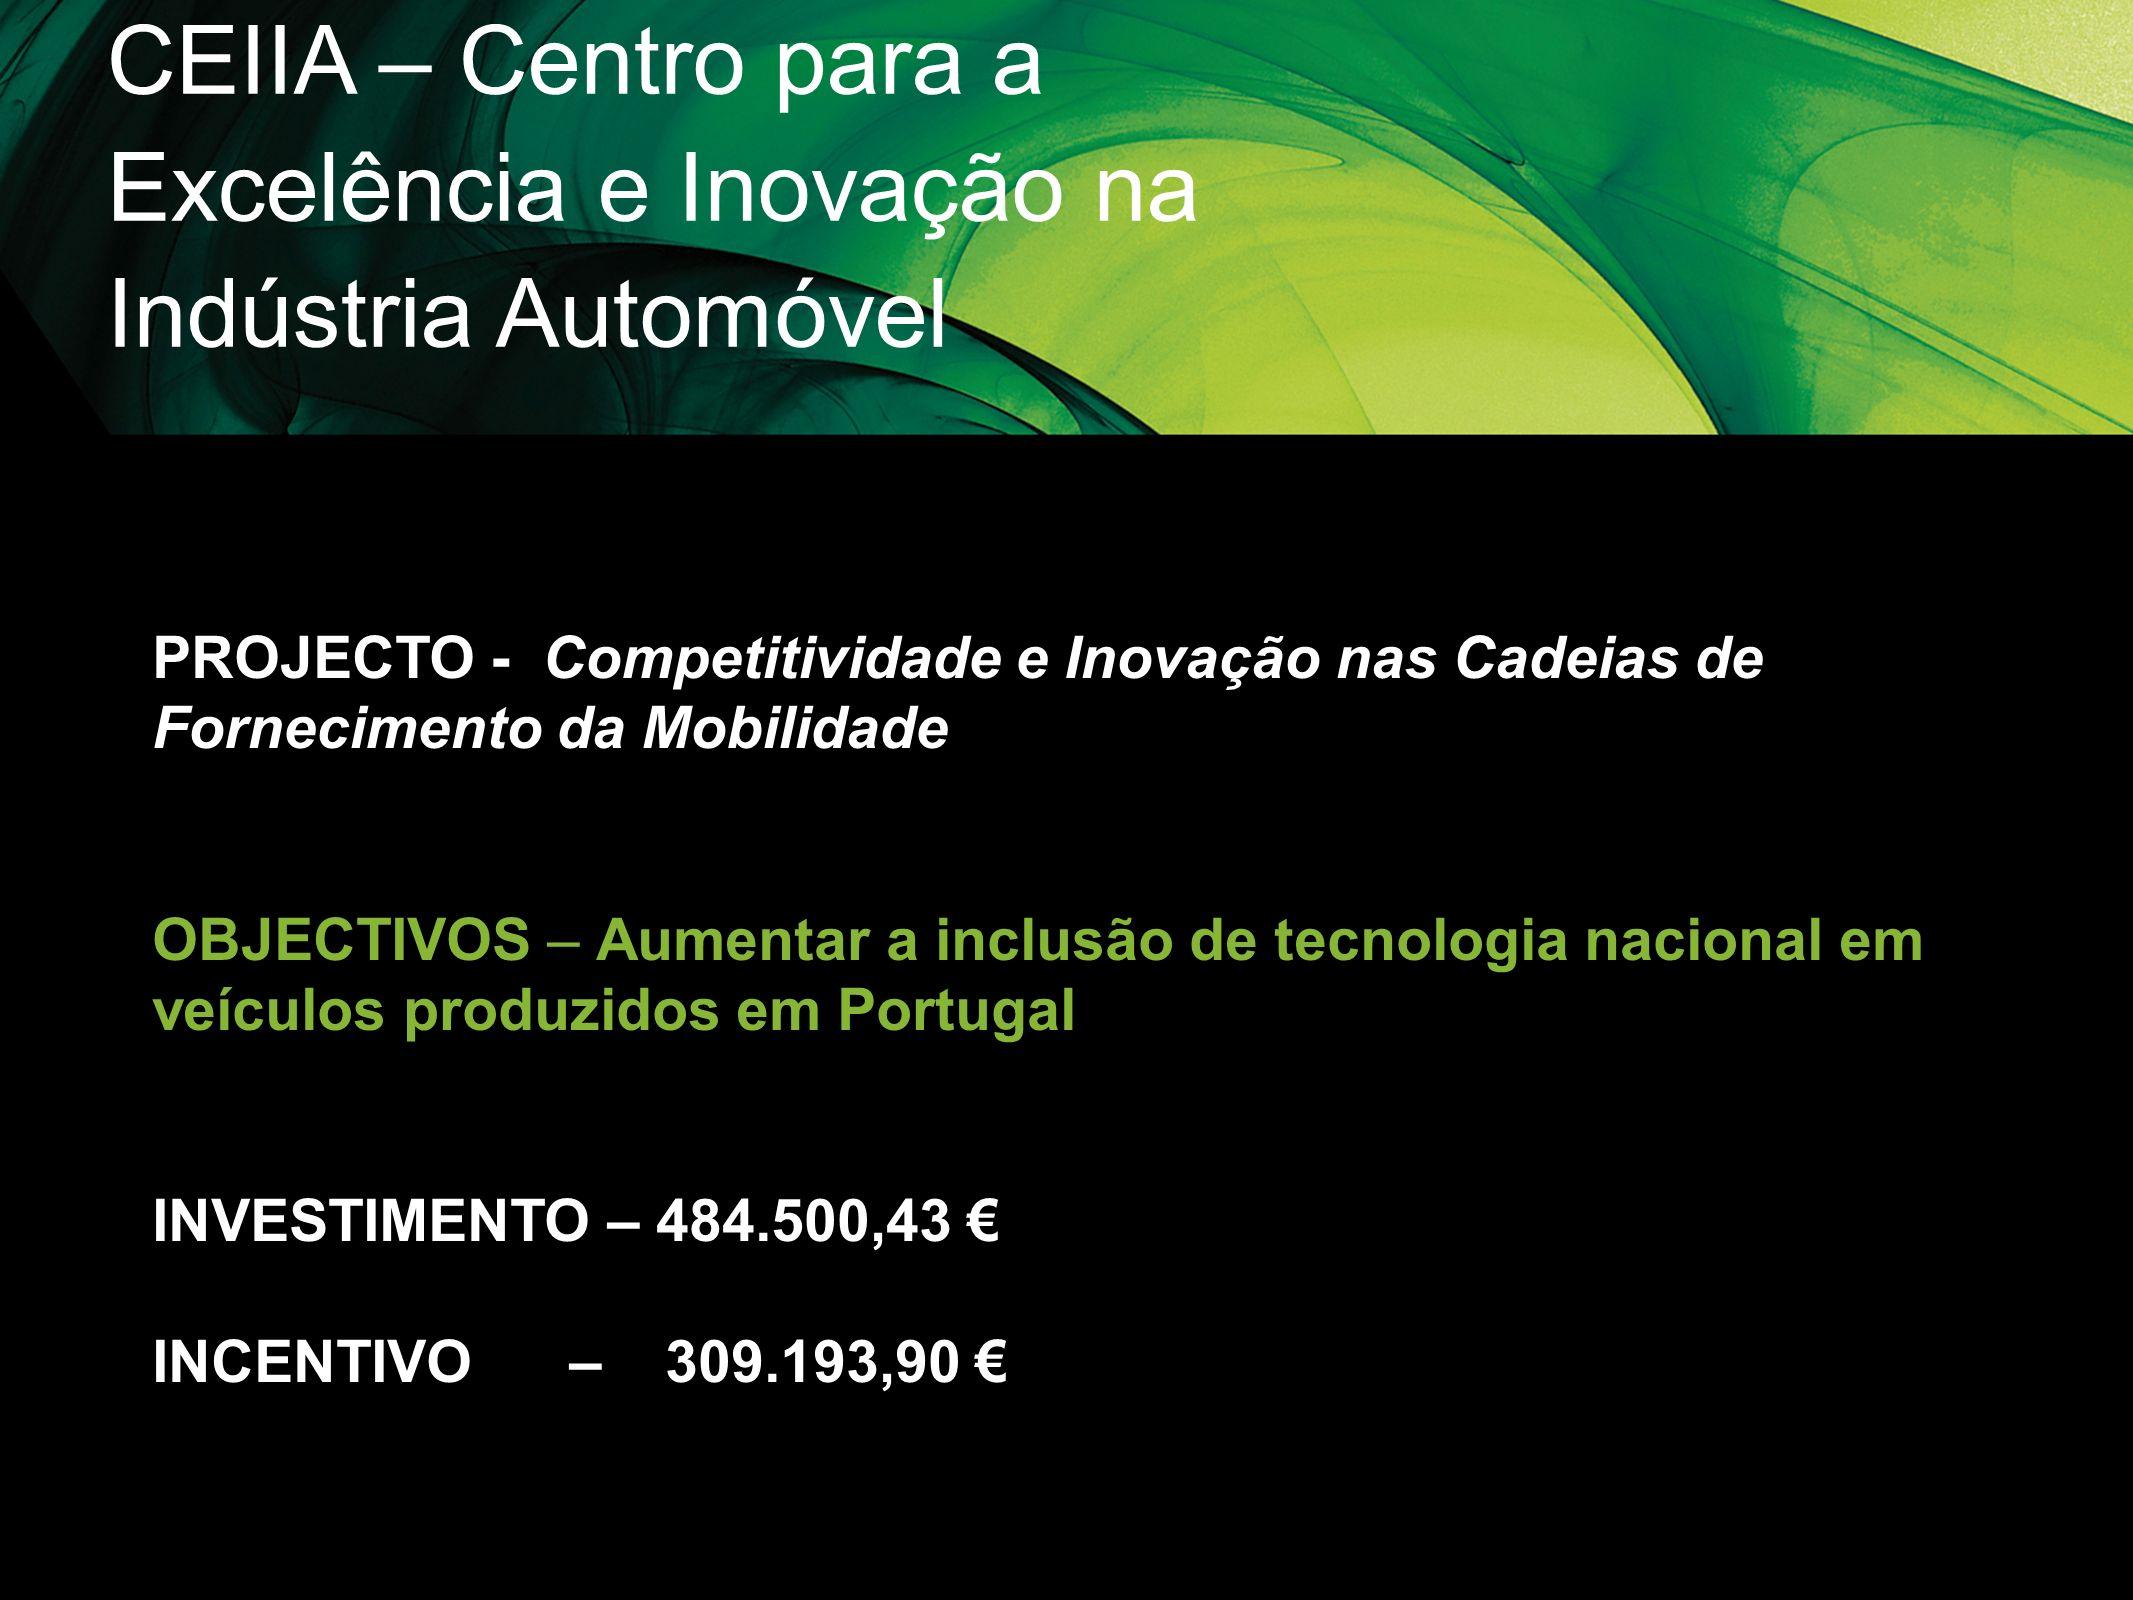 CEIIA – Centro para a Excelência e Inovação na Indústria Automóvel